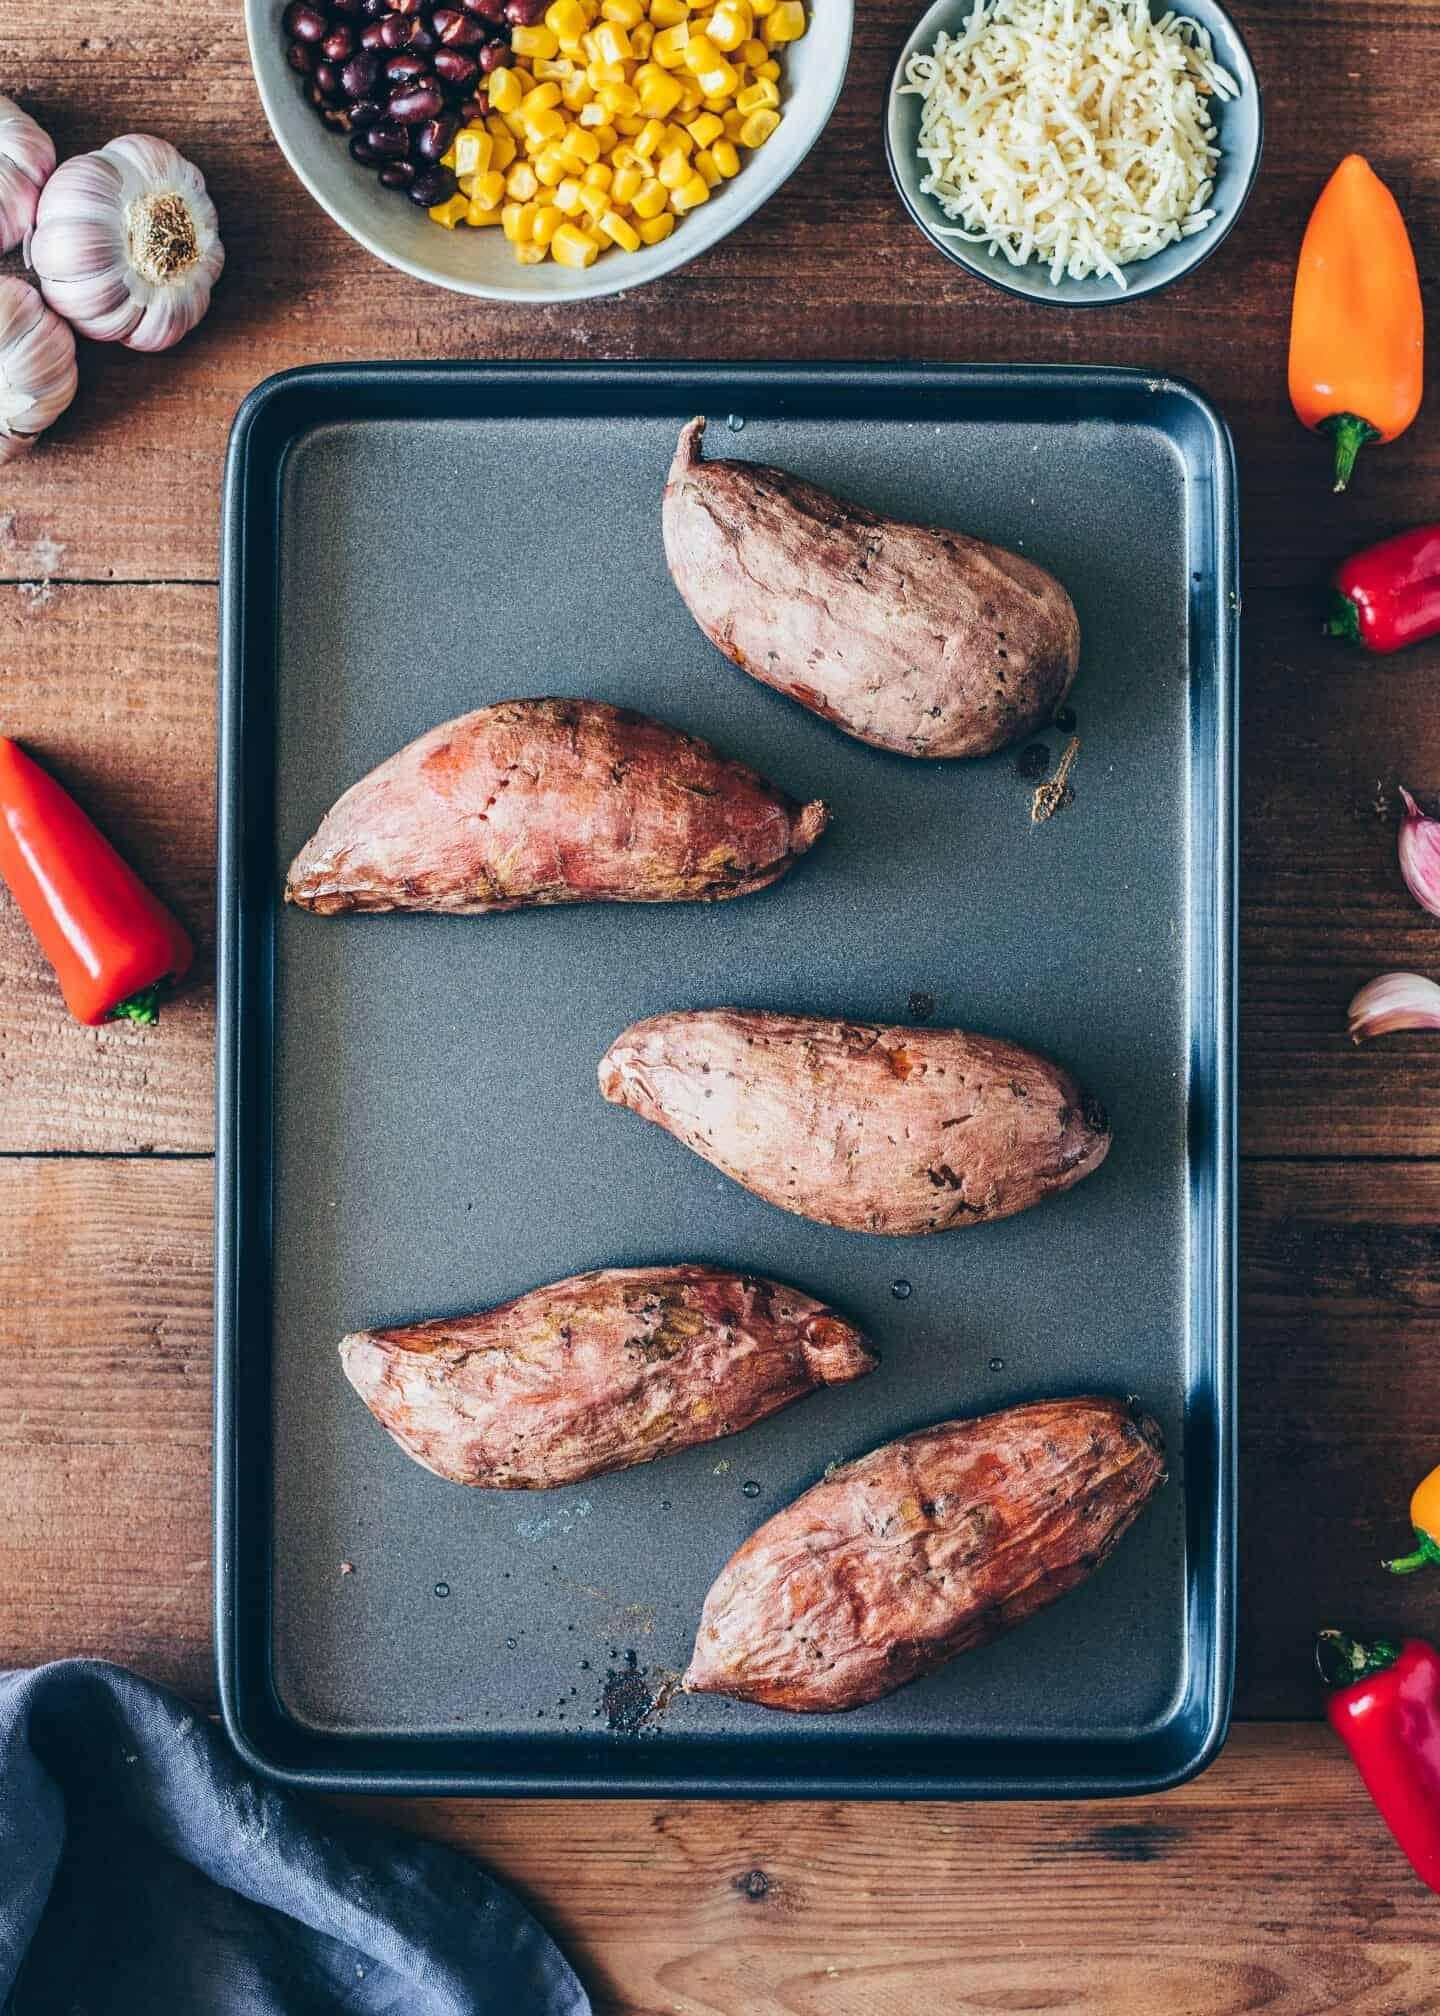 Mexikanisch gefüllte Süßkartoffeln mit schwarzen Bohnen, Mais, Paprika und veganem Käse ist einfach zubereitet, gesund und lecker. Dazu Avocado-Aioli als perfekte Haupt-Mahlzeit oder Beilage. Einfaches Rezept. Vegane Ofen-Kartoffeln.